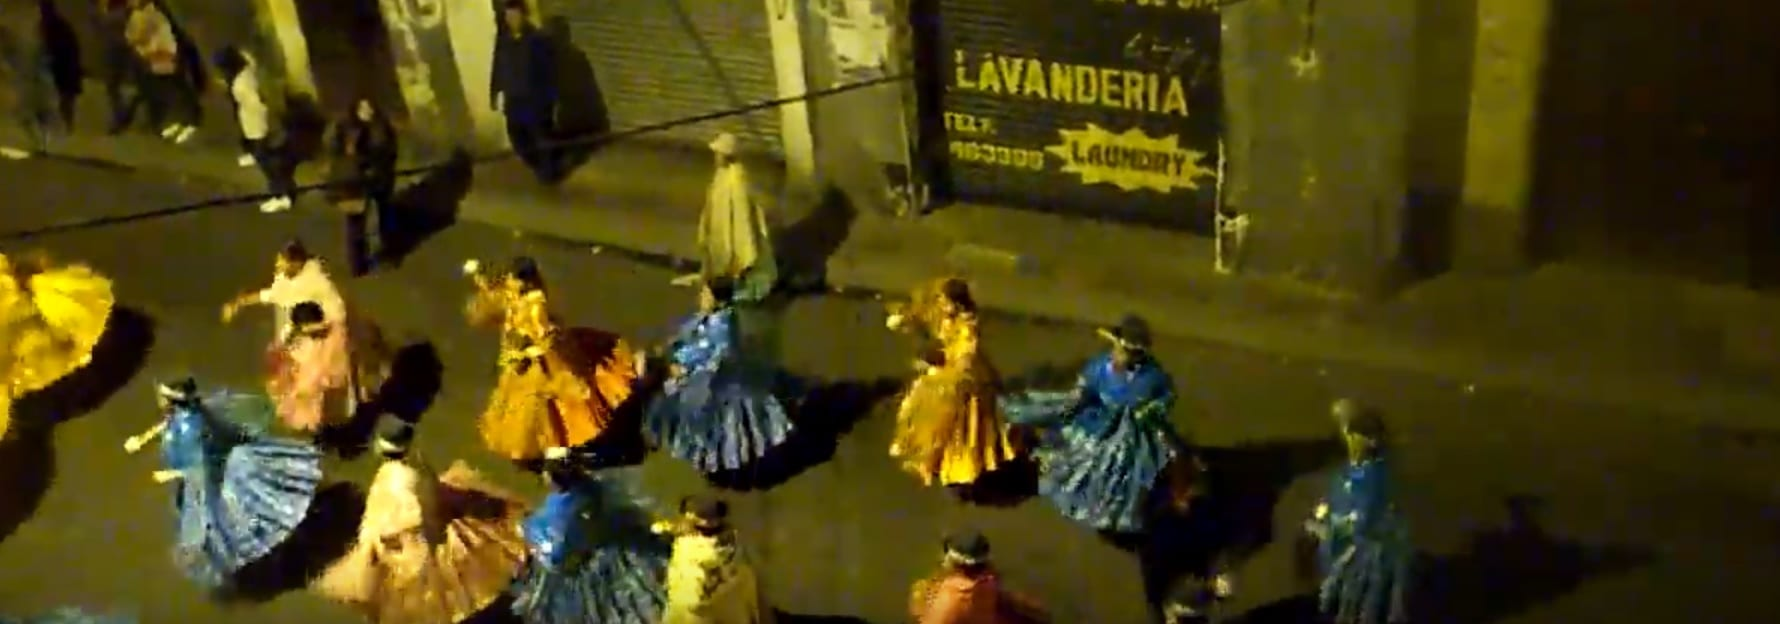 Fiesta in La Paz